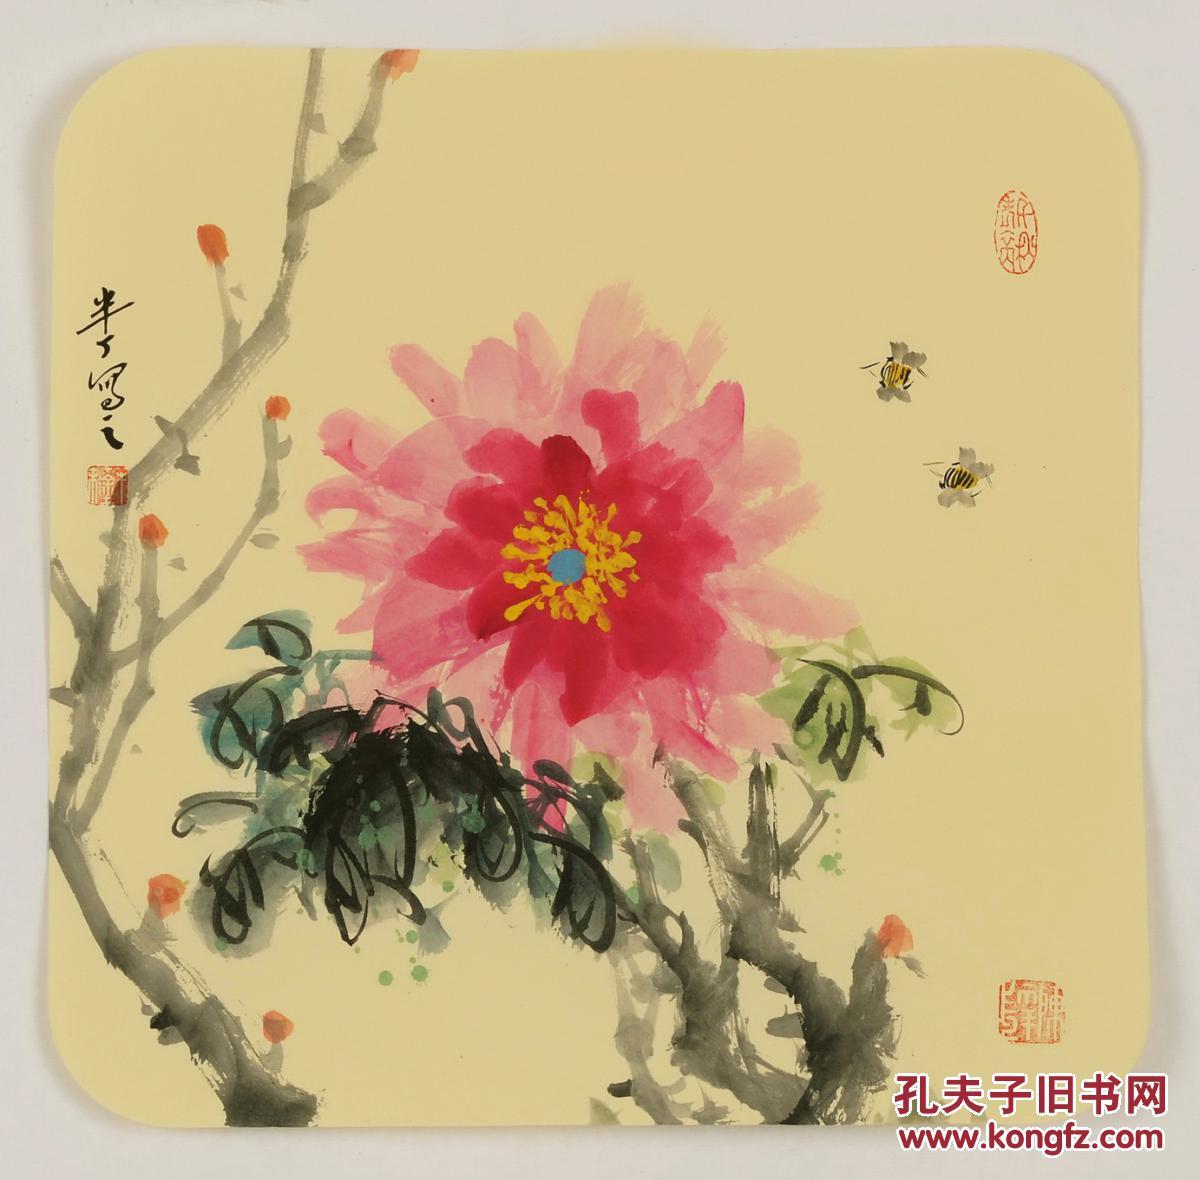 国画名家--陈半丁花鸟【15】国画--芙蓉花蜜蜂 手绘 小品图片